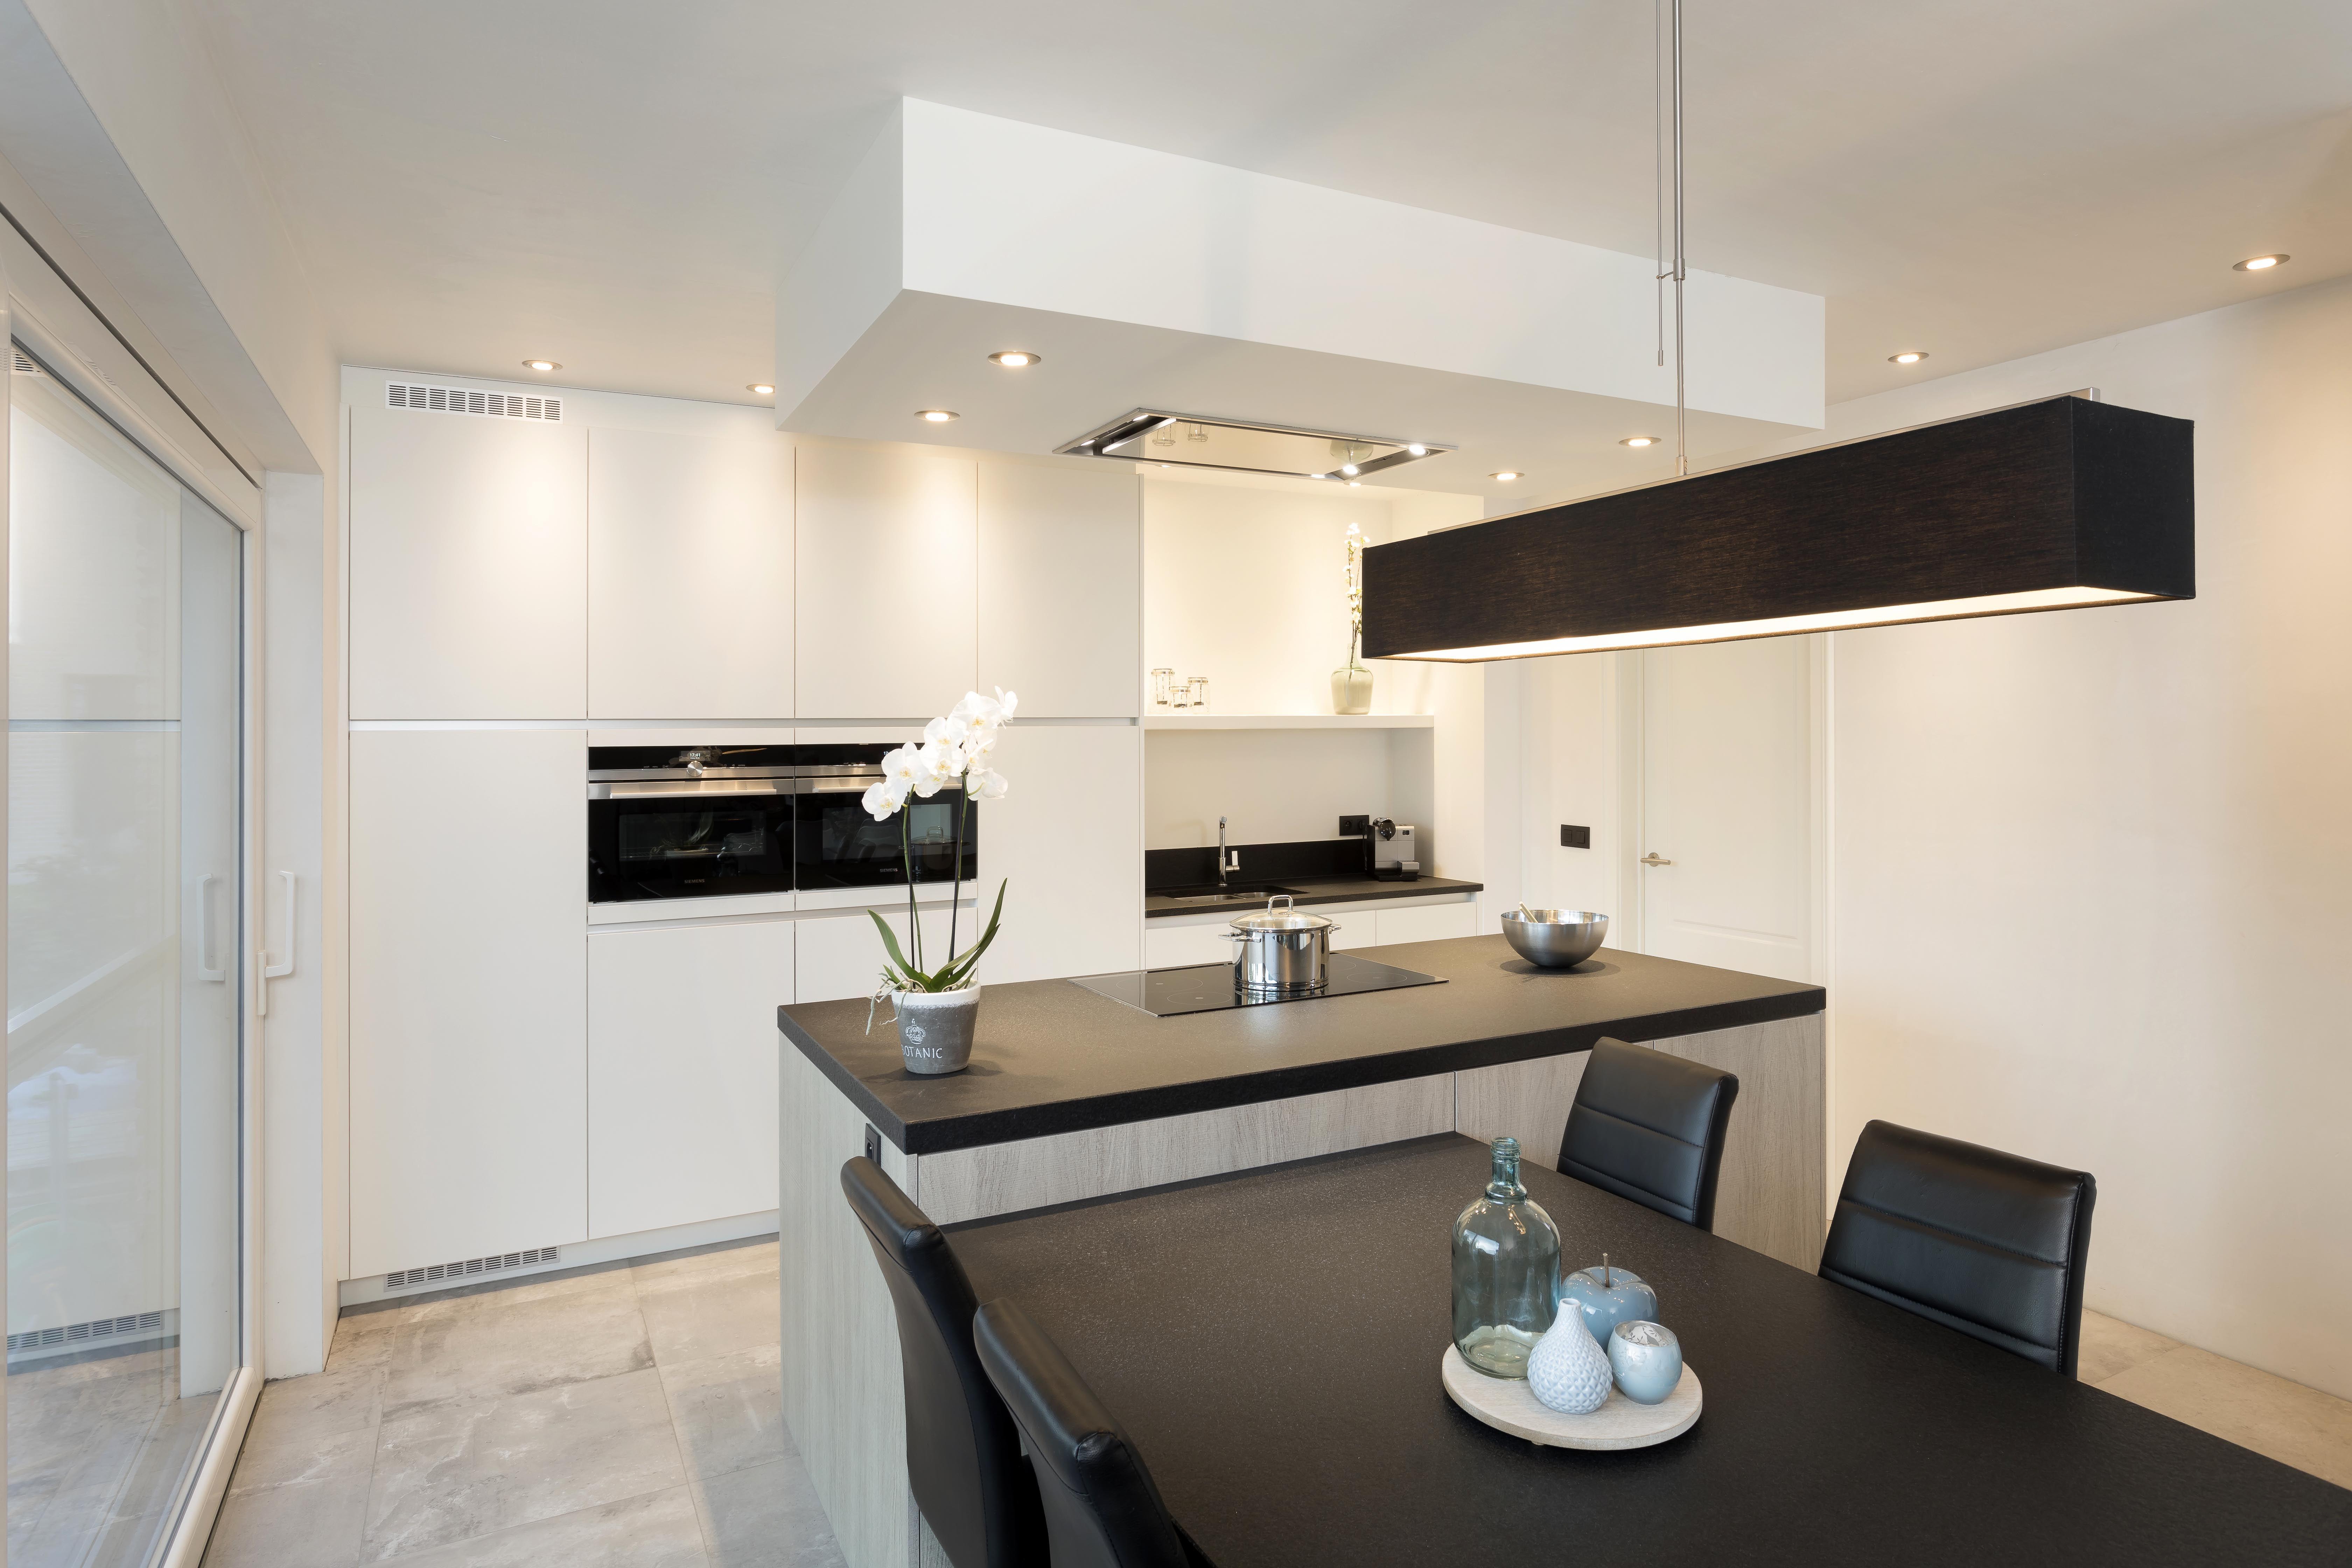 Franssen Keukens Design : Franssen keukens trendy moderne keuken trendy keukens